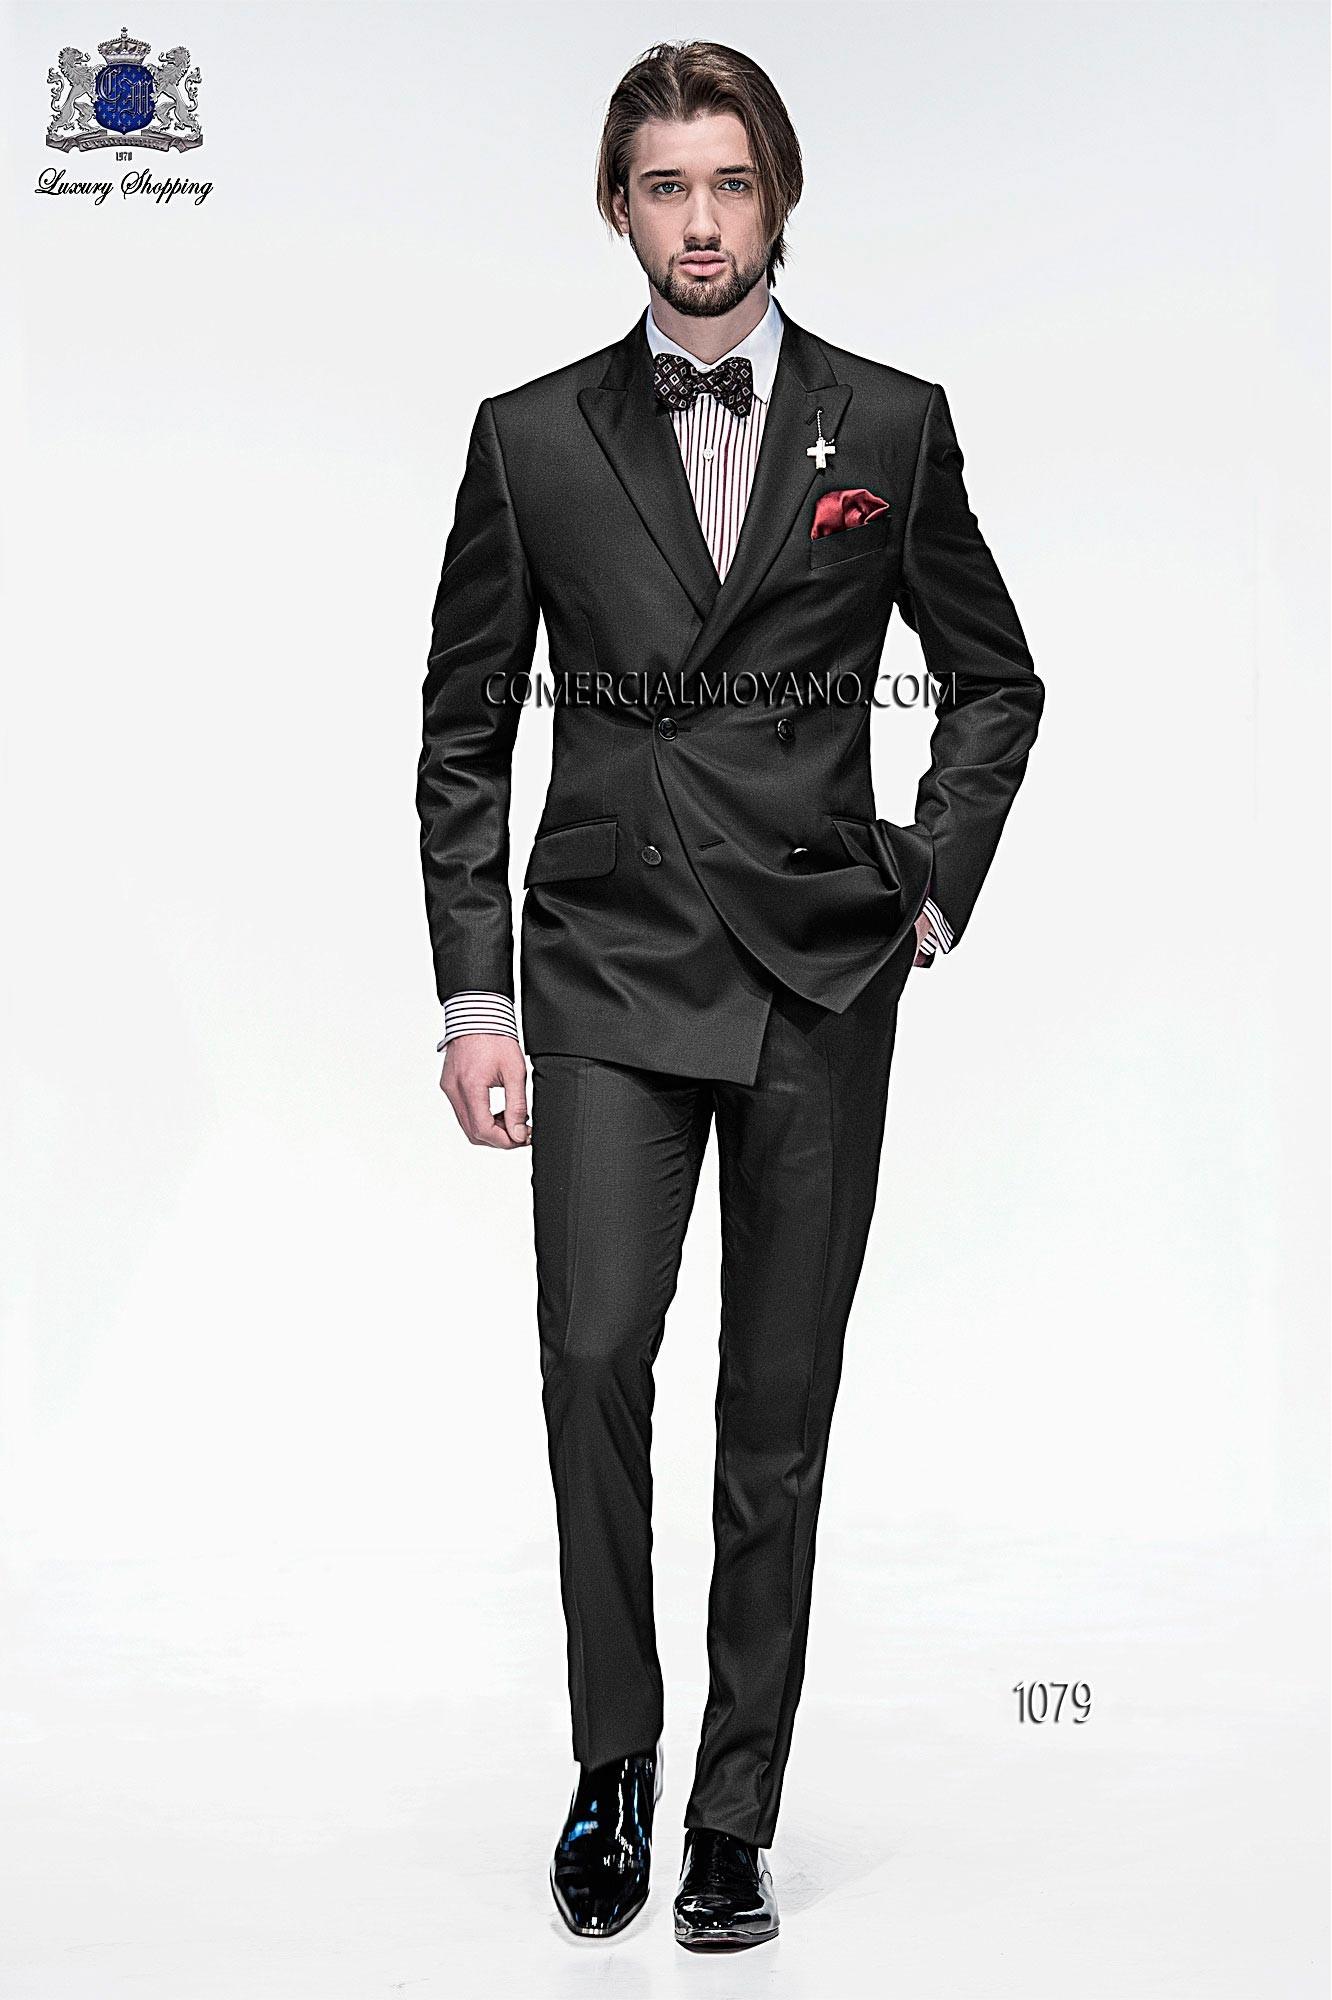 Traje de moda italiano a medida cruzado, en tejido new performance liso negro, modelo 1079 Ottavio Nuccio Gala colección Emotion 2015.